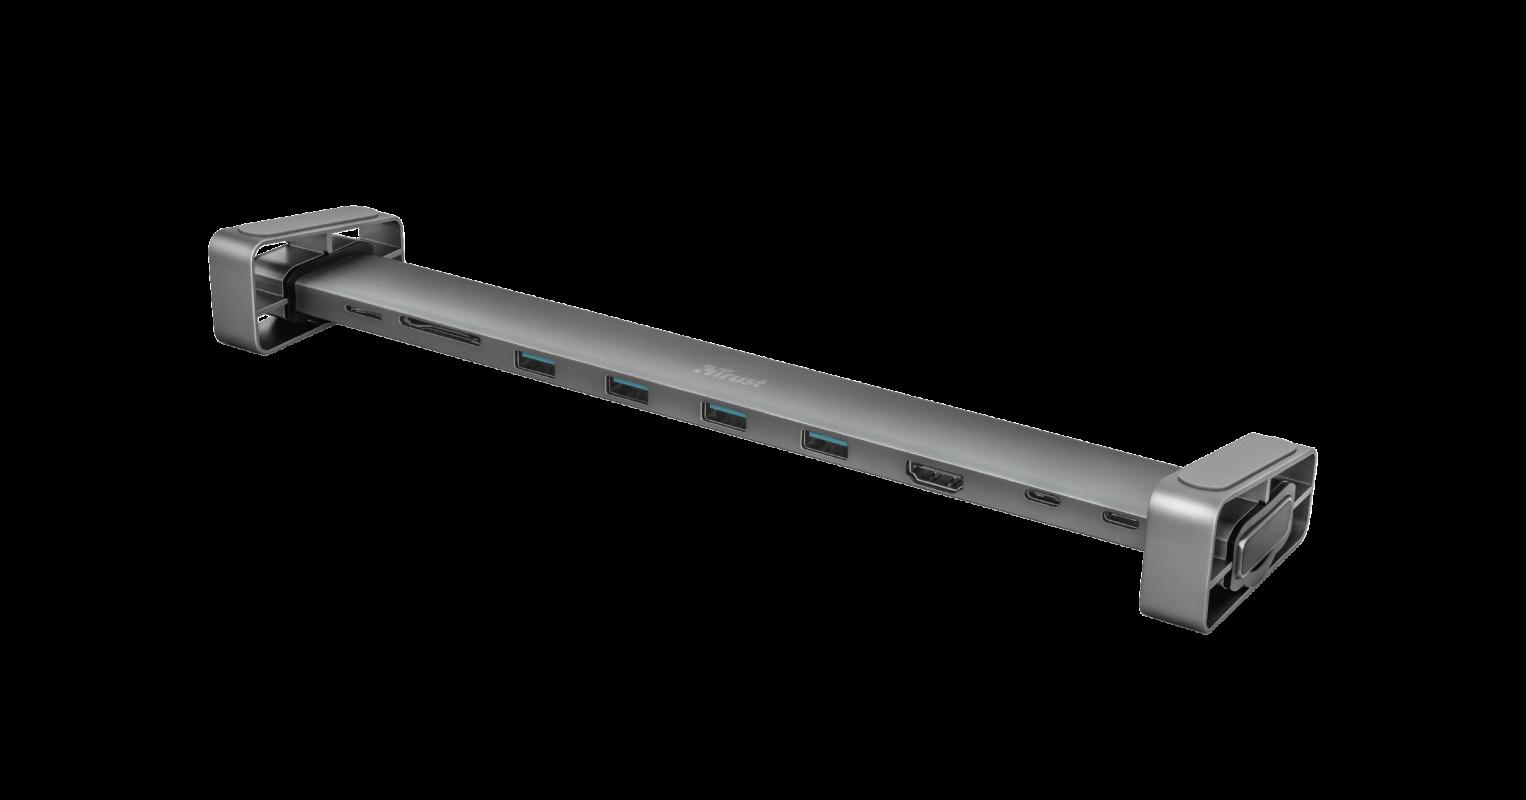 Adaptor Trust Dalyx Aluminium 10-in-1 USB-C Multi-port Dock - imaginea 1